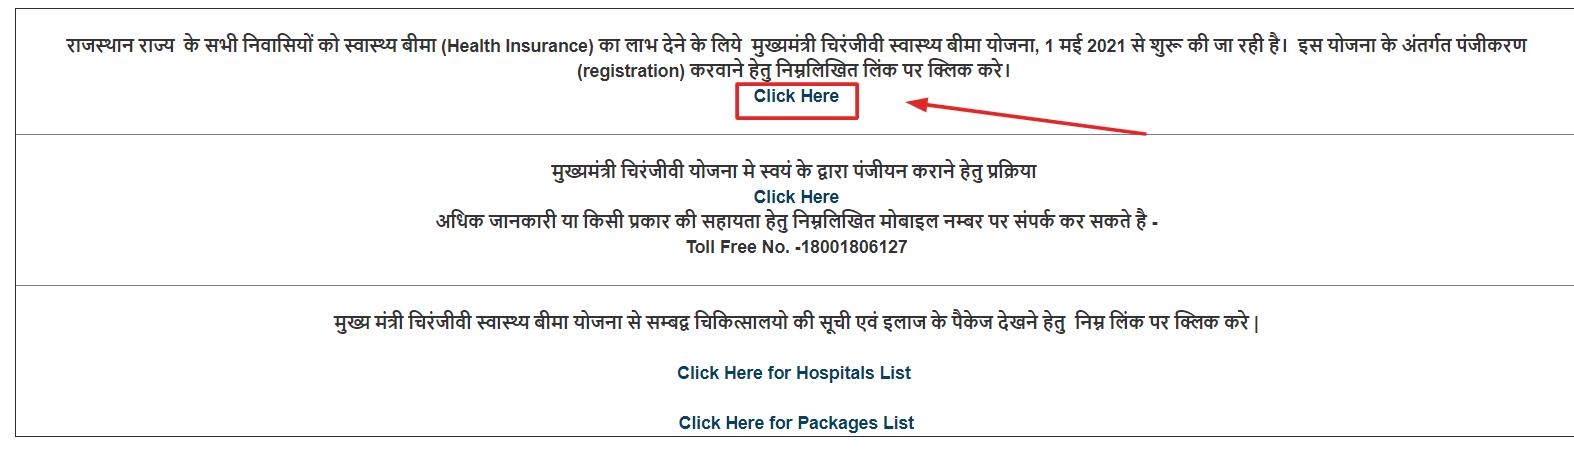 राजस्थान-चिरंजीवी-स्वास्थ्य-बीमा-योजना